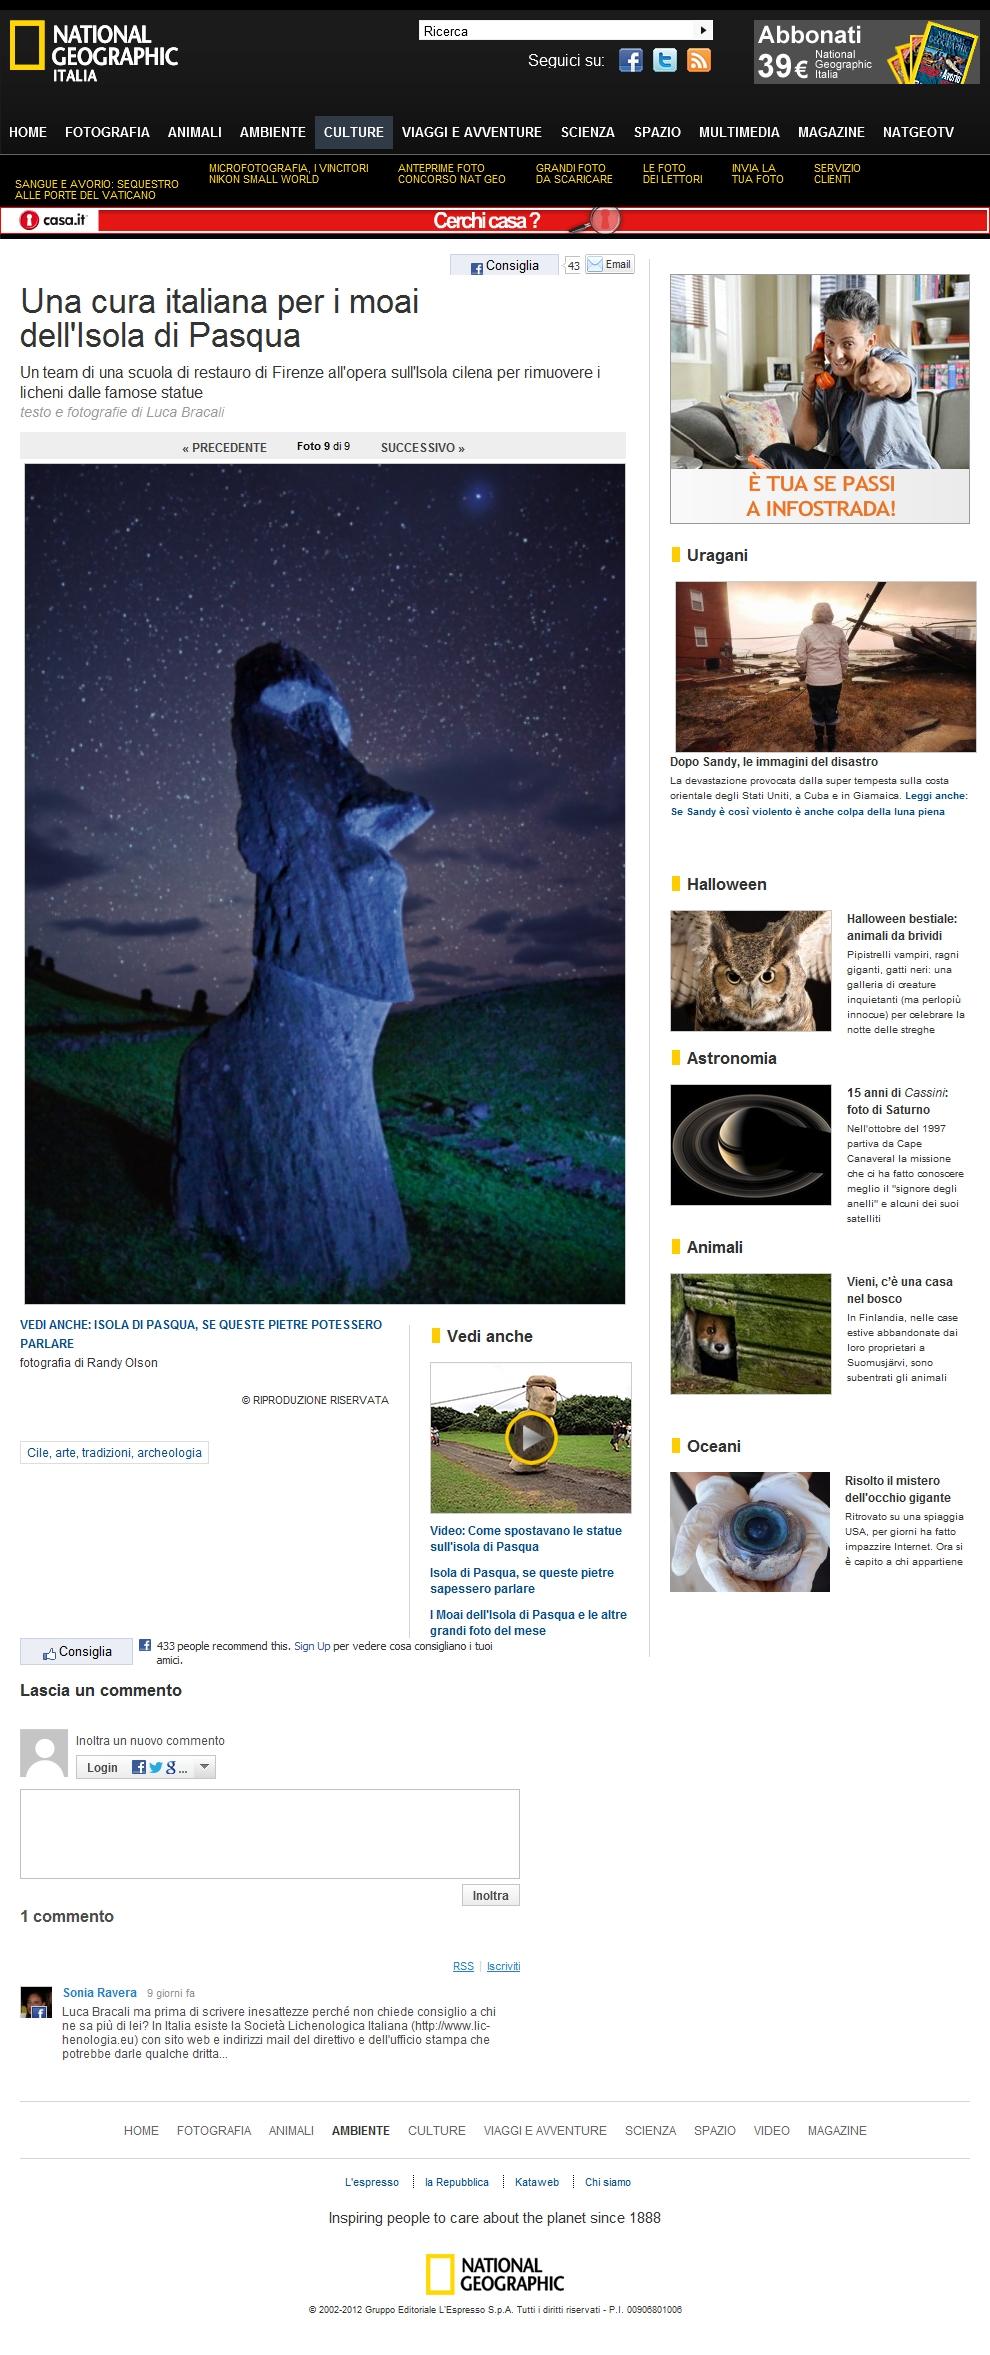 Foto Una cura italiana per i moai dell'Isola di Pasqua – 9 di 9 – National Geographic